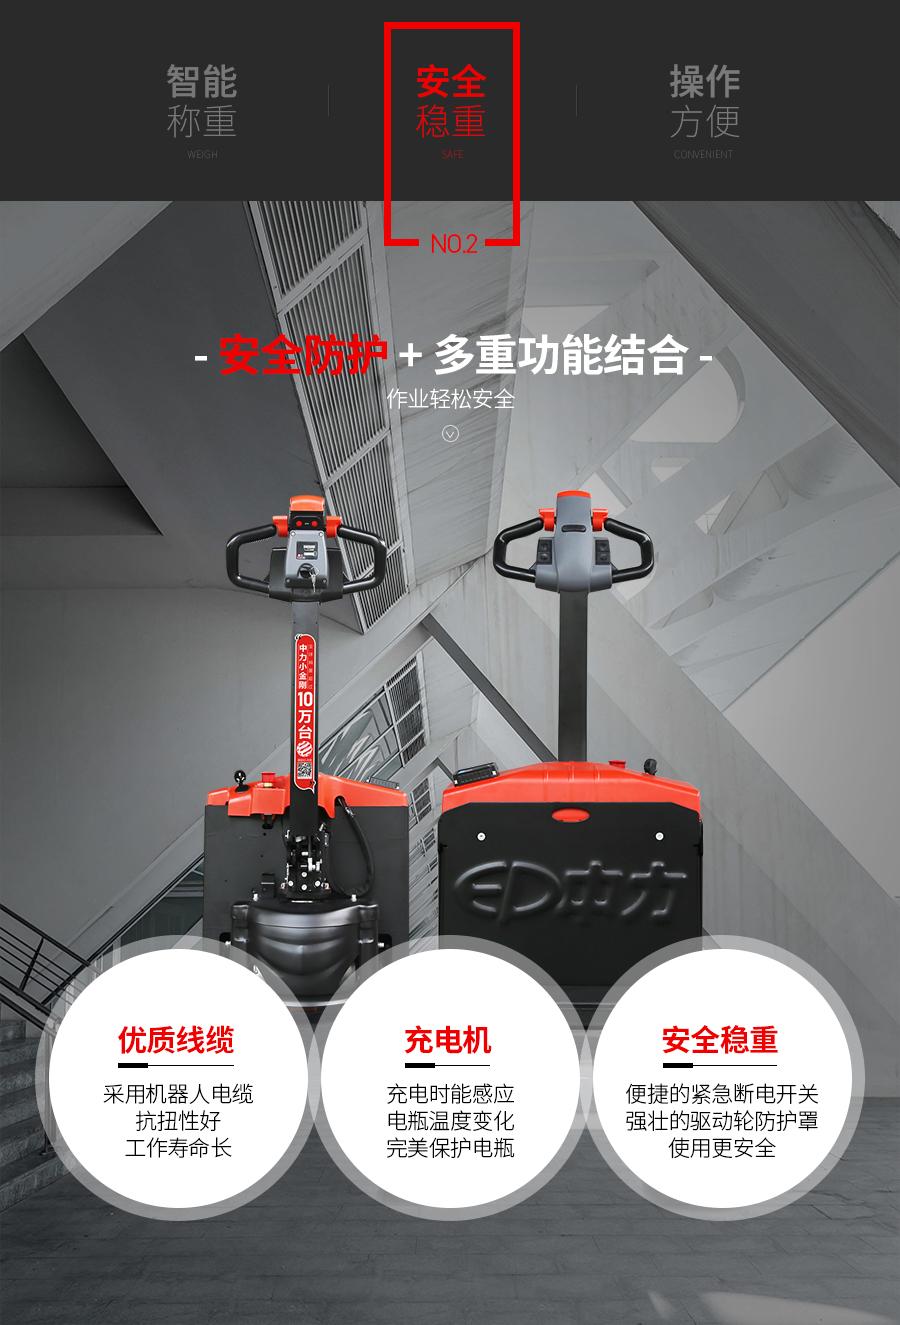 中力 1.5吨电子称电动搬运车/小金刚 第一代2系 EPT20-15ET2P(电子秤款)